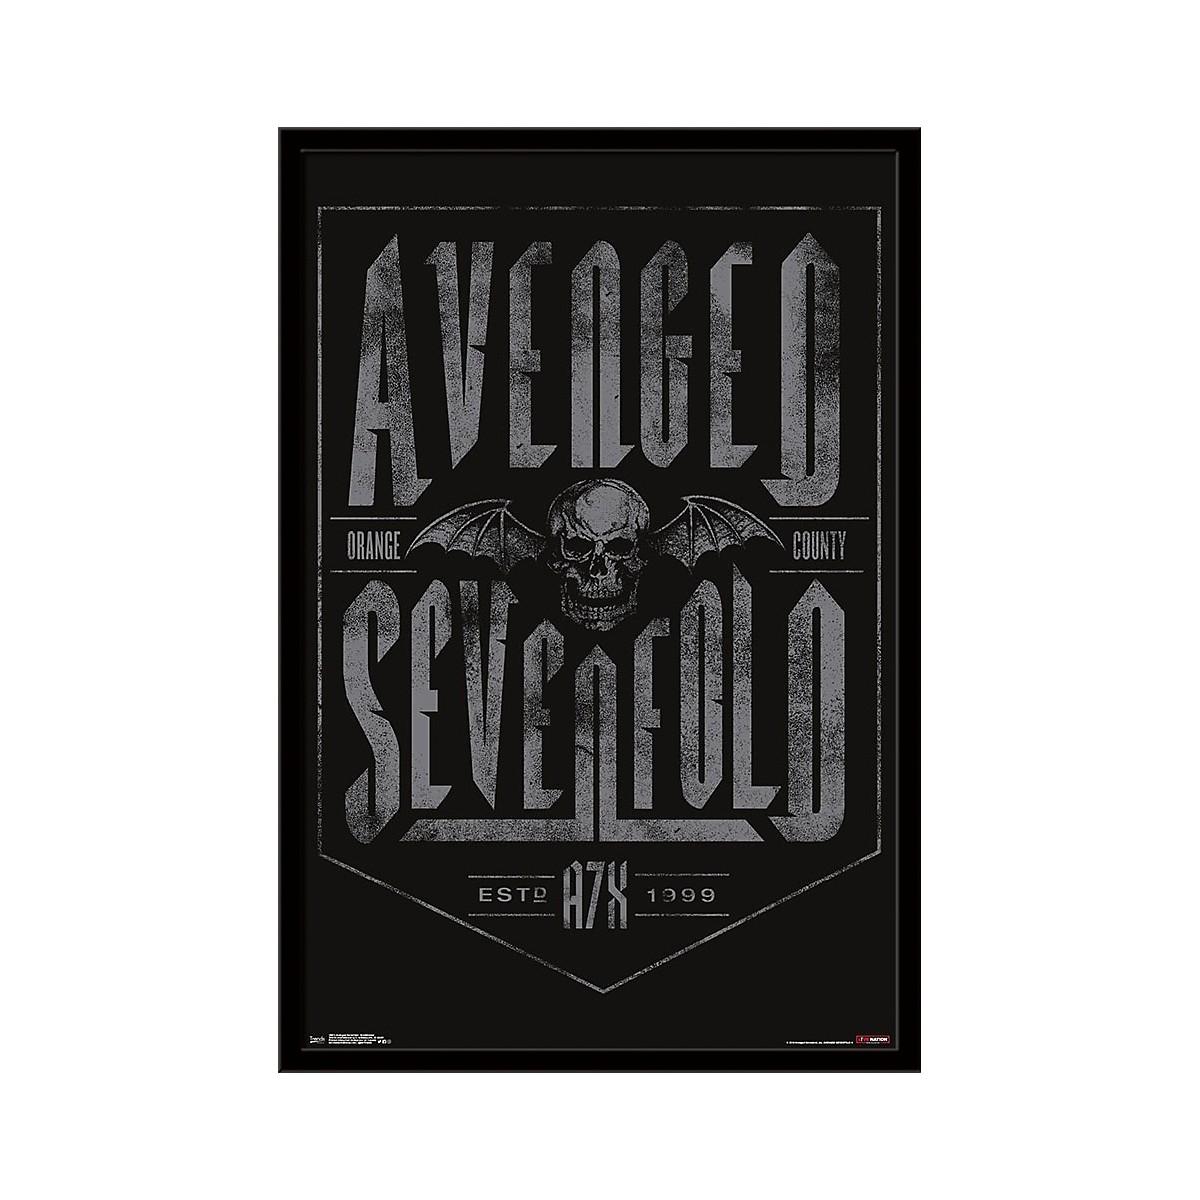 Trends International Avenged Sevenfold - Established Poster